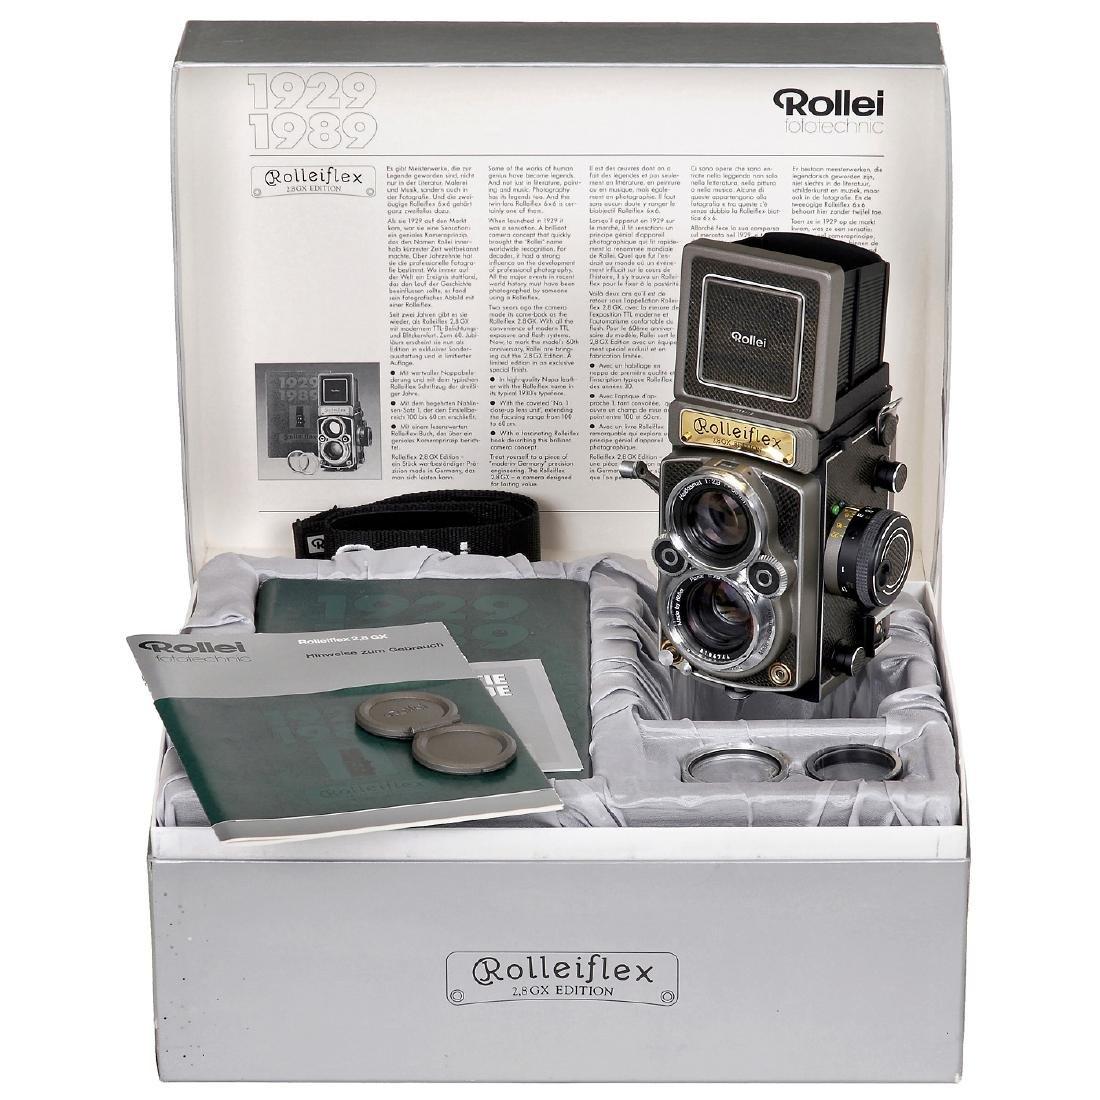 """Rolleiflex 2,8GX Edition """"1929-1989"""", 1989"""